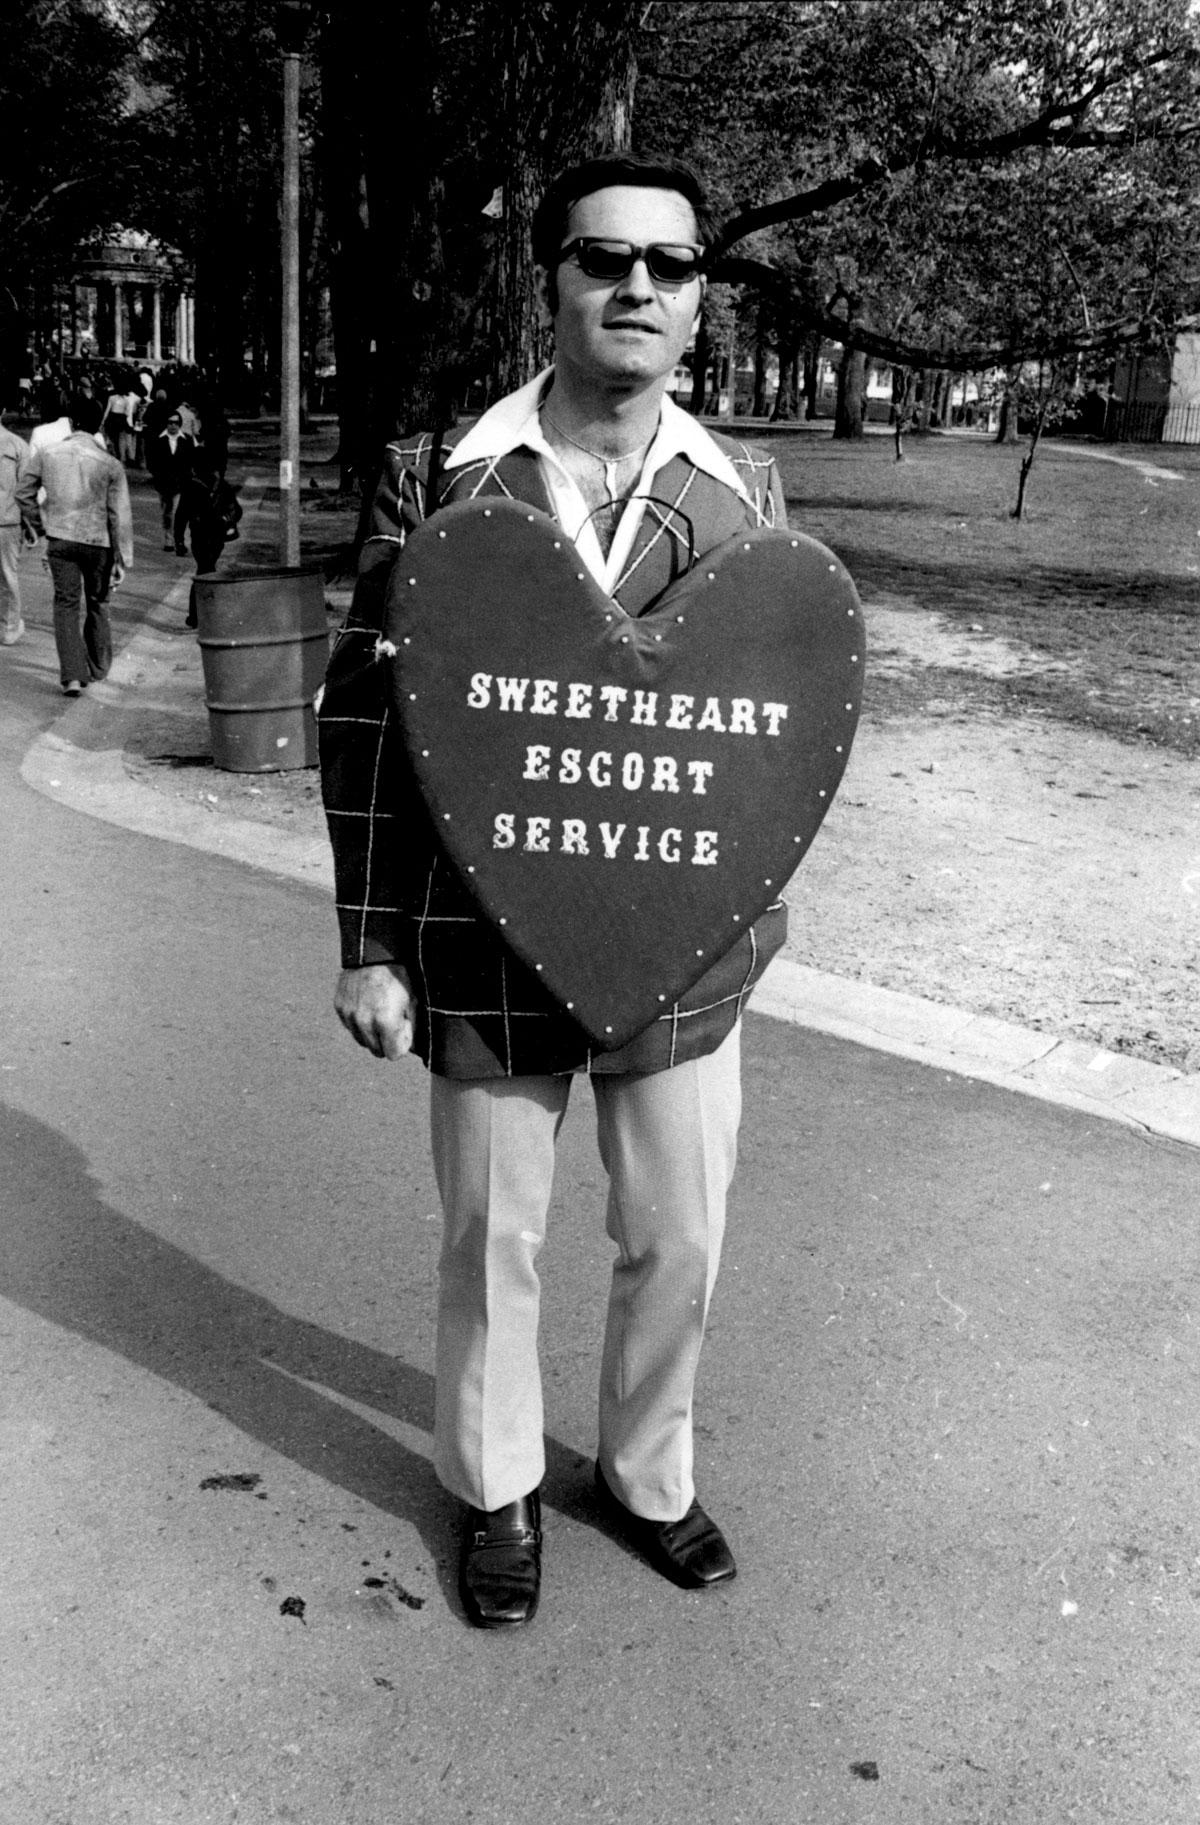 Голдис, повседневная жизни Нью-Йорка с 1970-х годов  (2).jpg